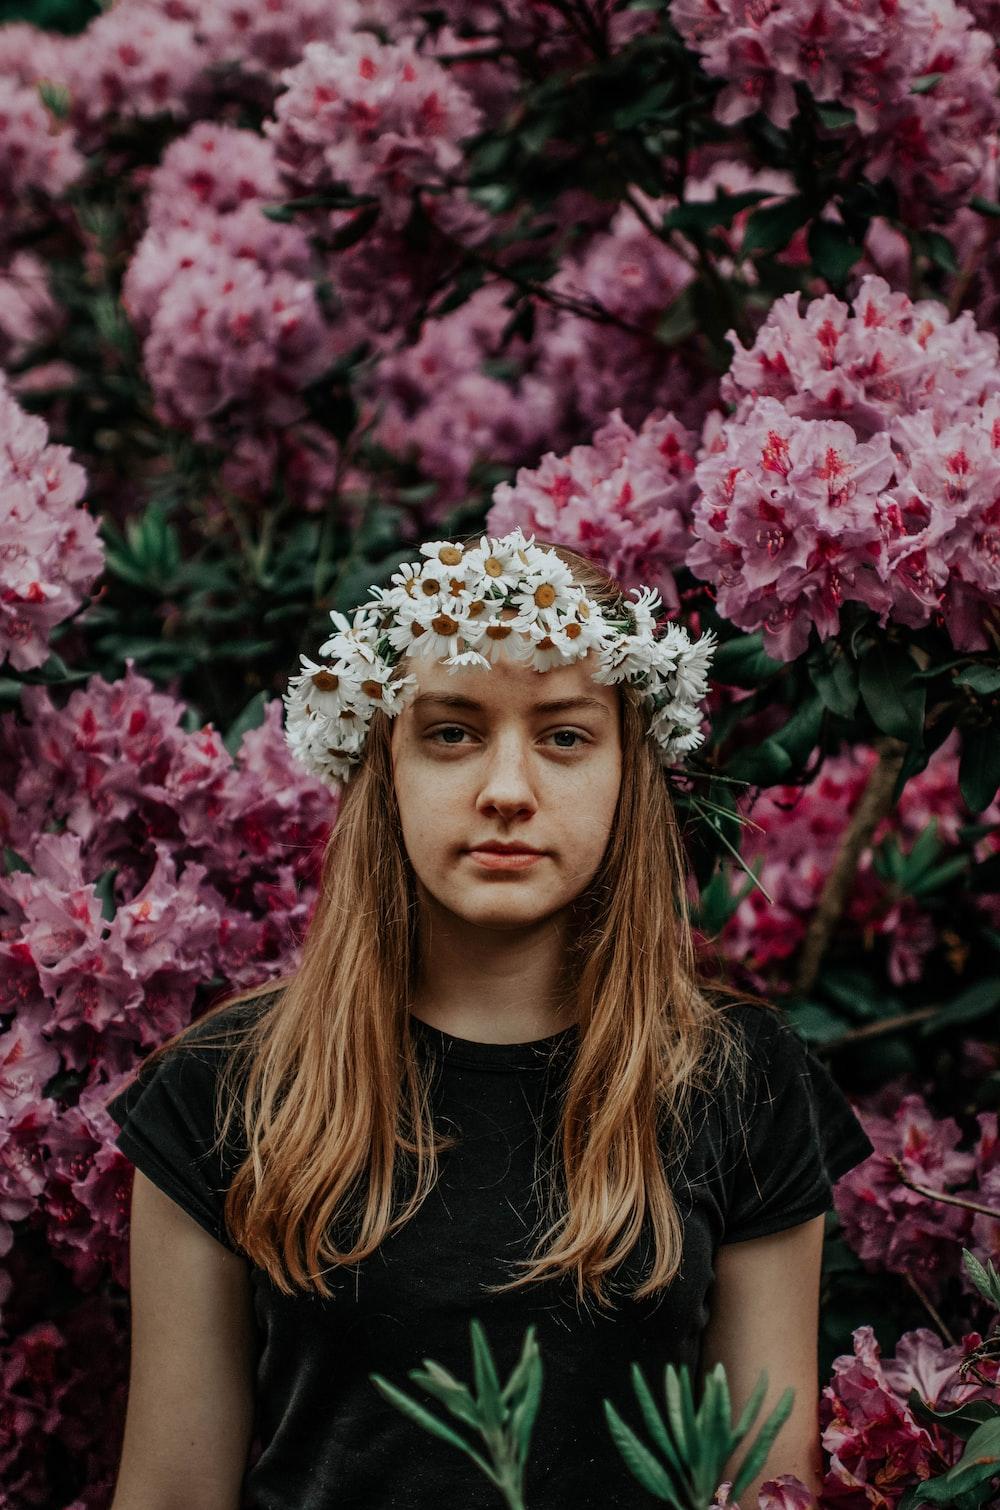 woman wearing flower headdress